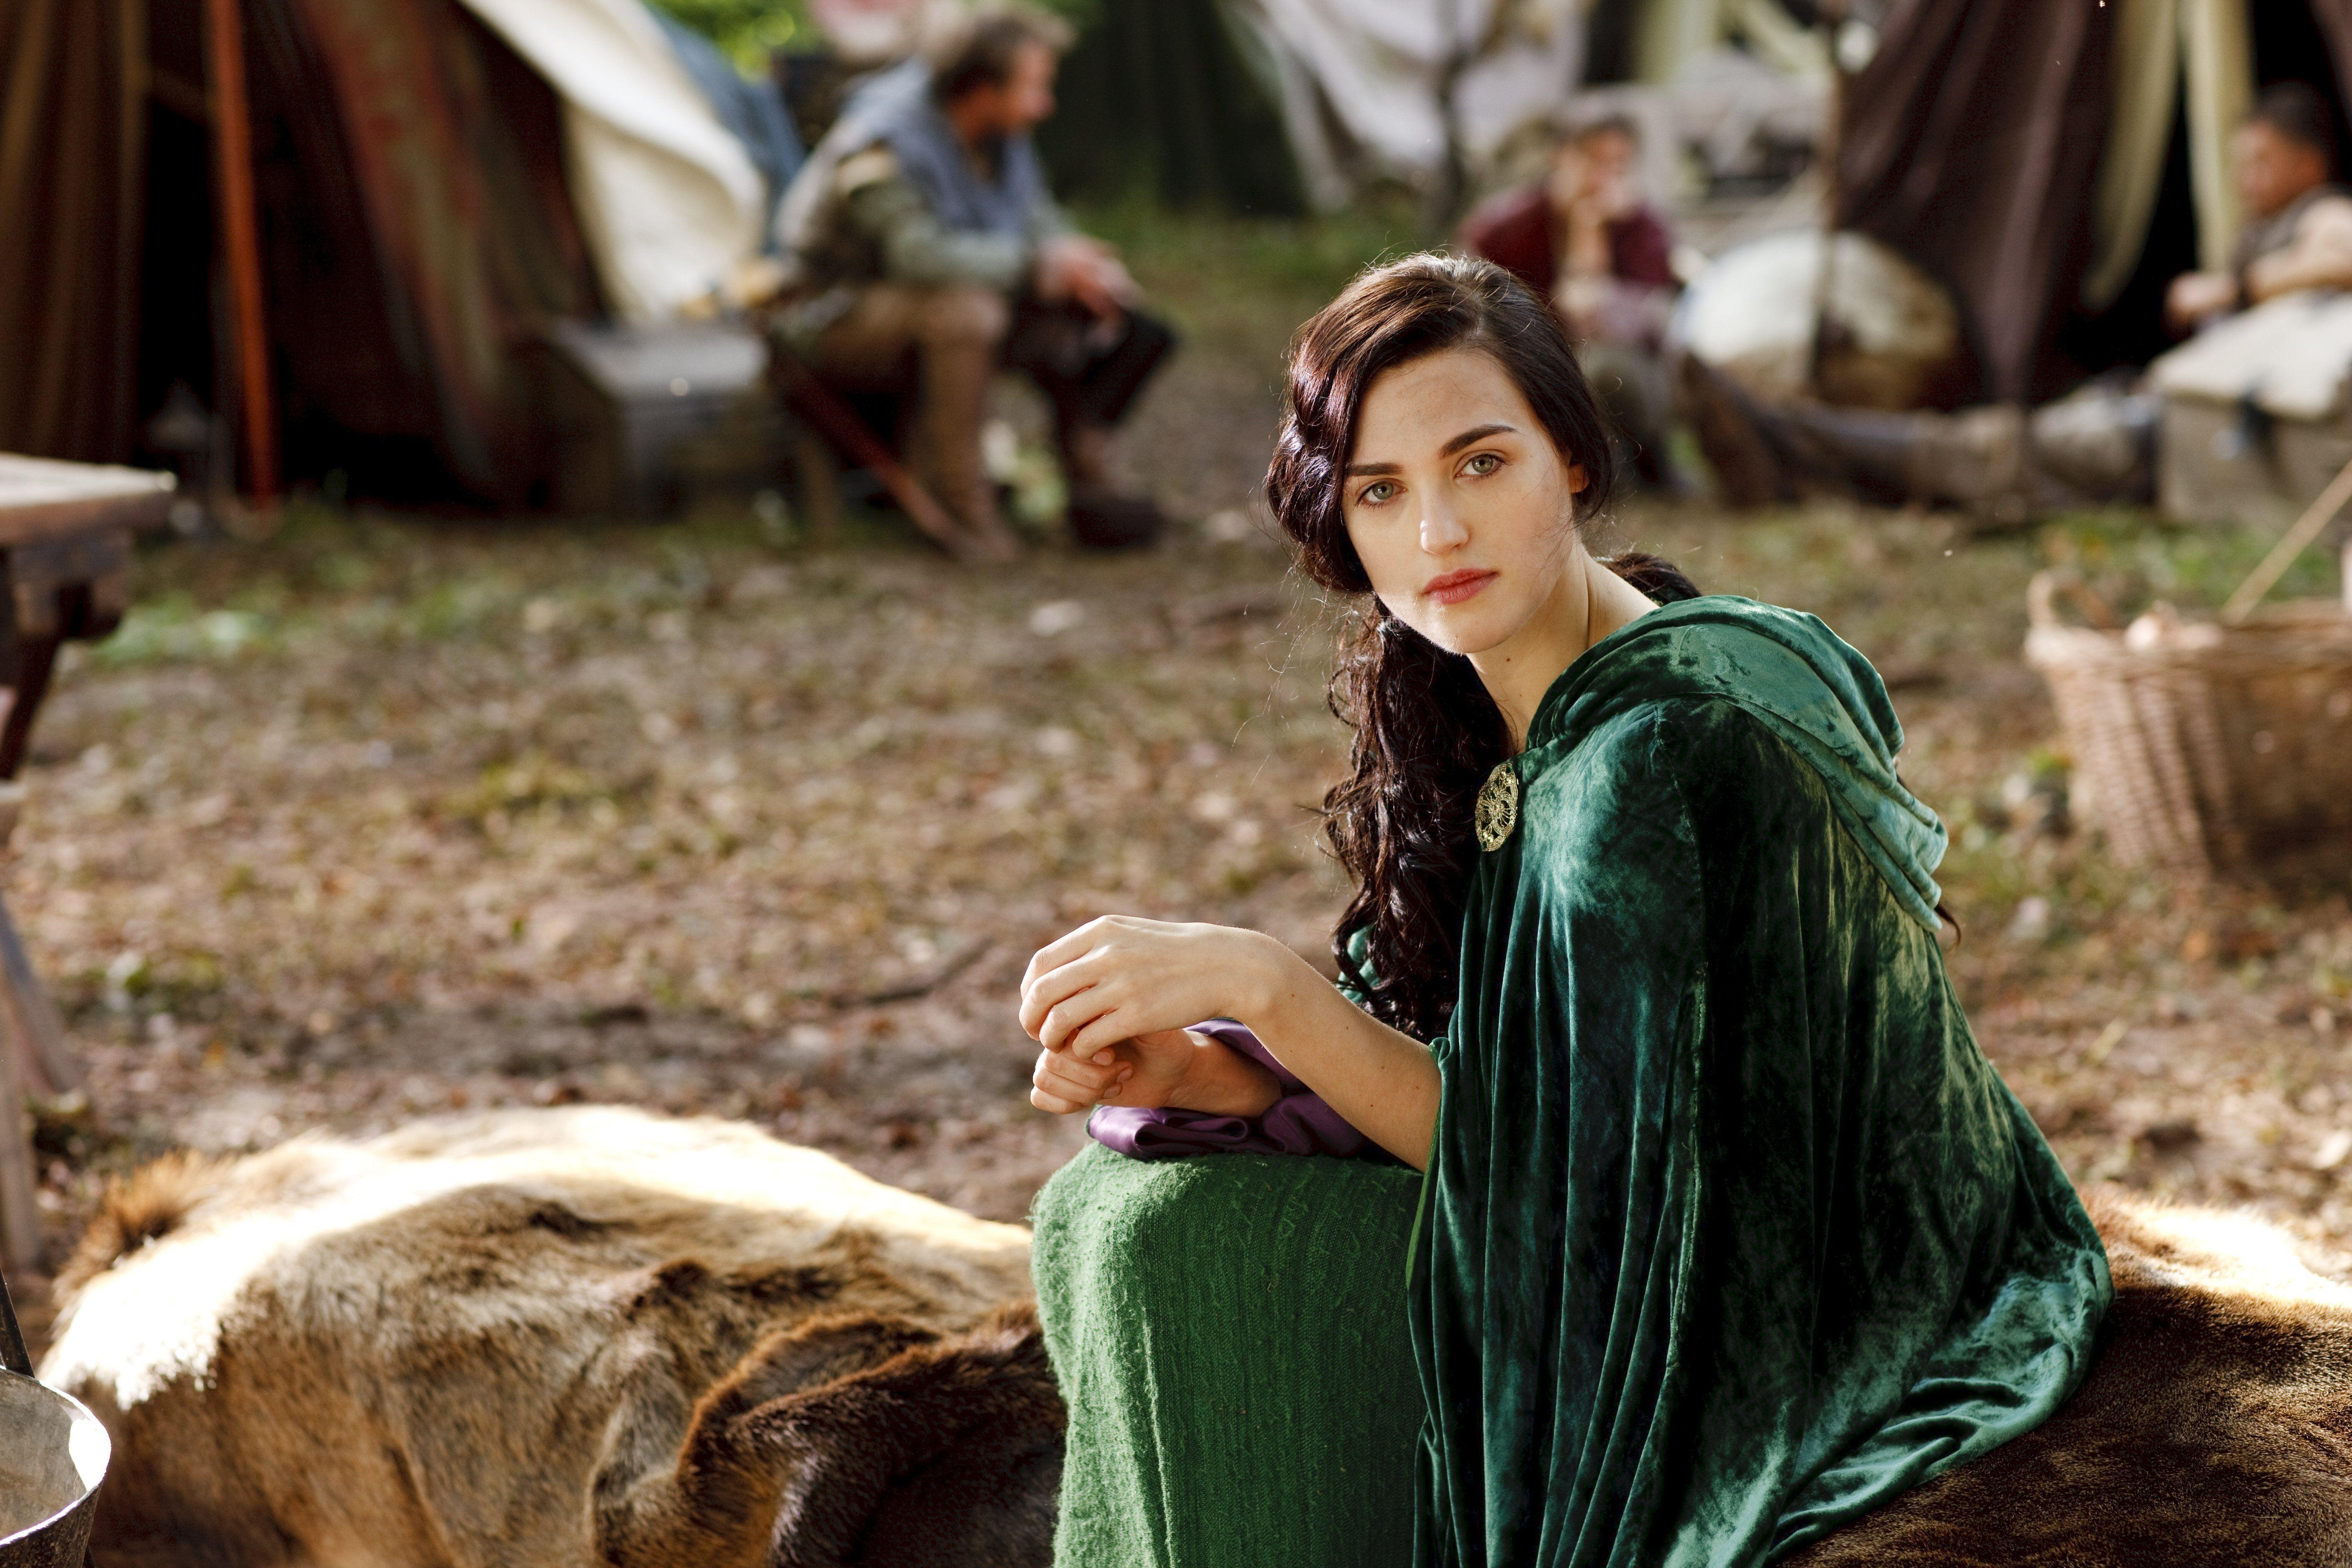 Merlin - Morgana